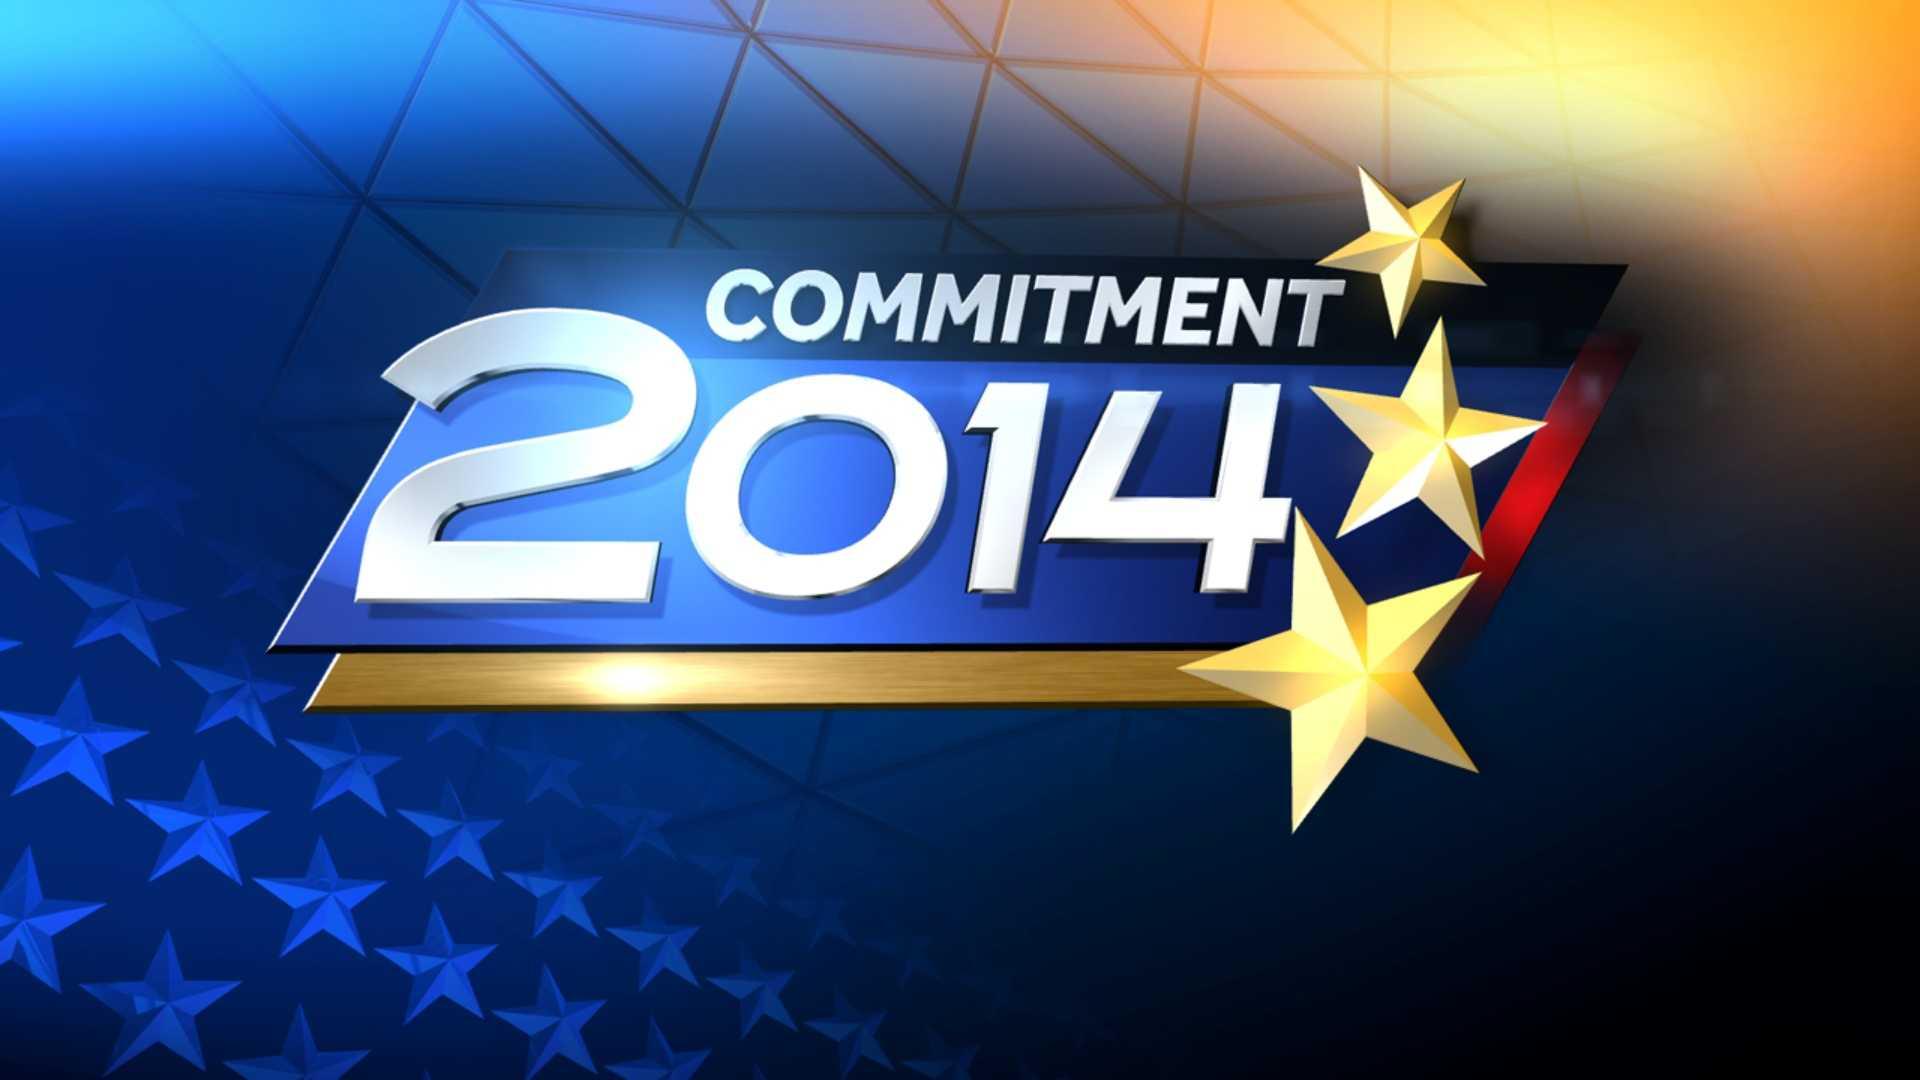 Commitment 2014 KMBC